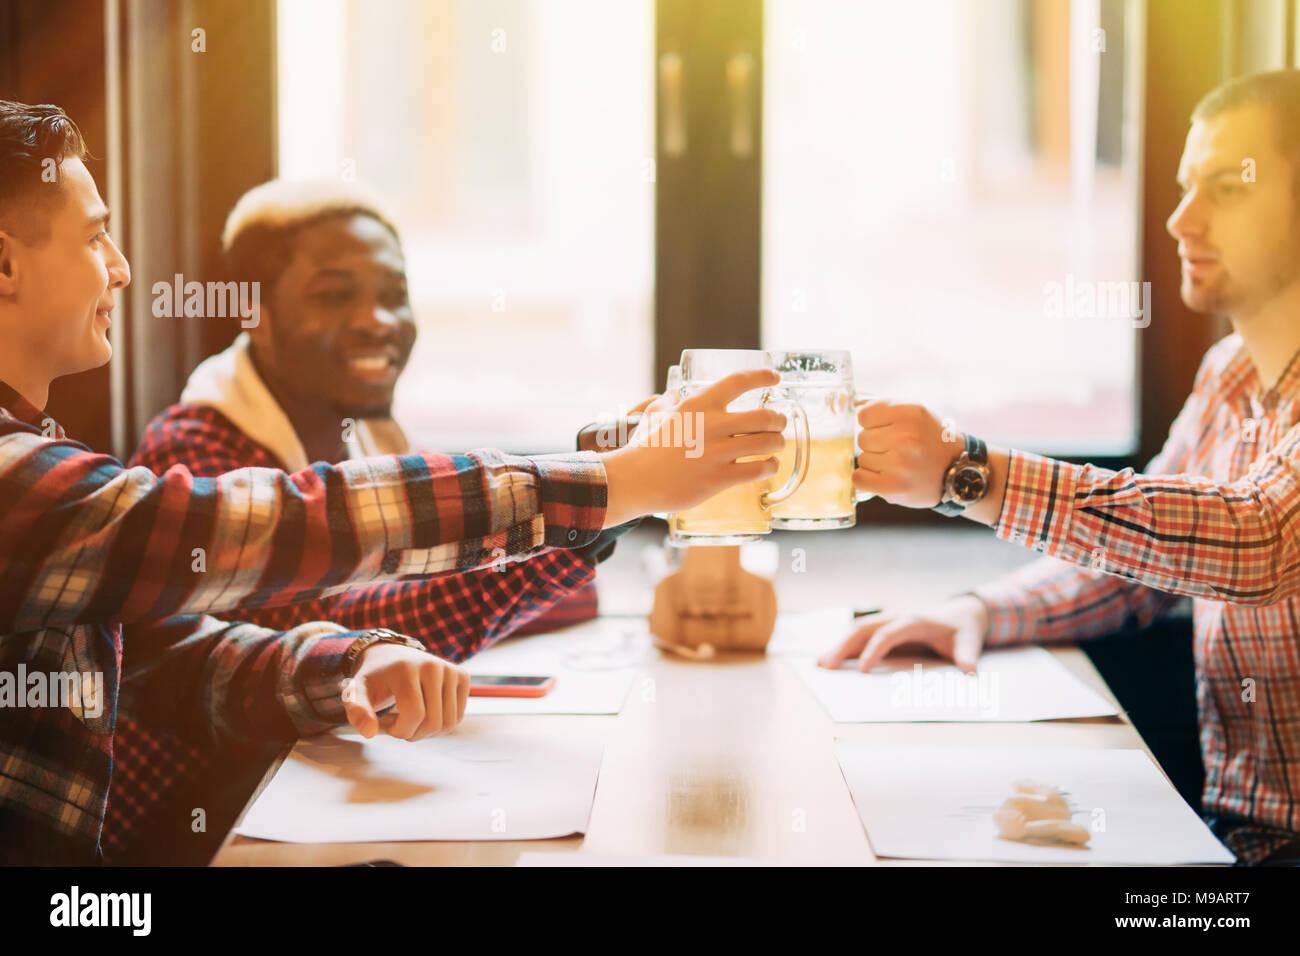 Menschen, Männer, Freizeit, Freundschaft und Feier Konzept - glücklich männlichen Freunden Bier trinken und Klirren der Gläser in Bar oder Kneipe Stockbild